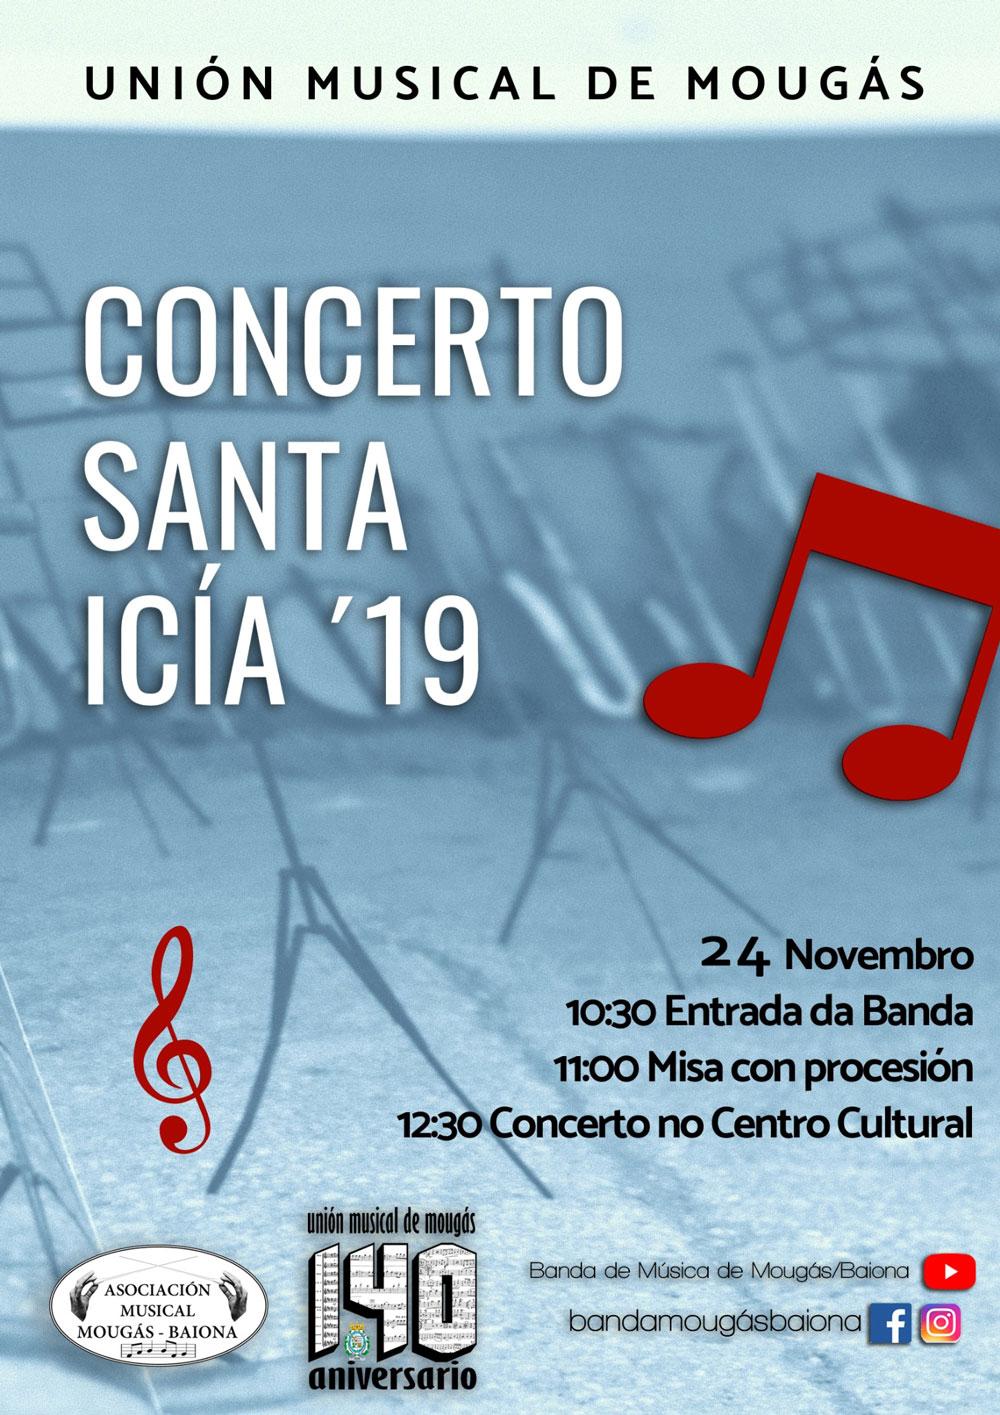 Concerto Santa Icía '19